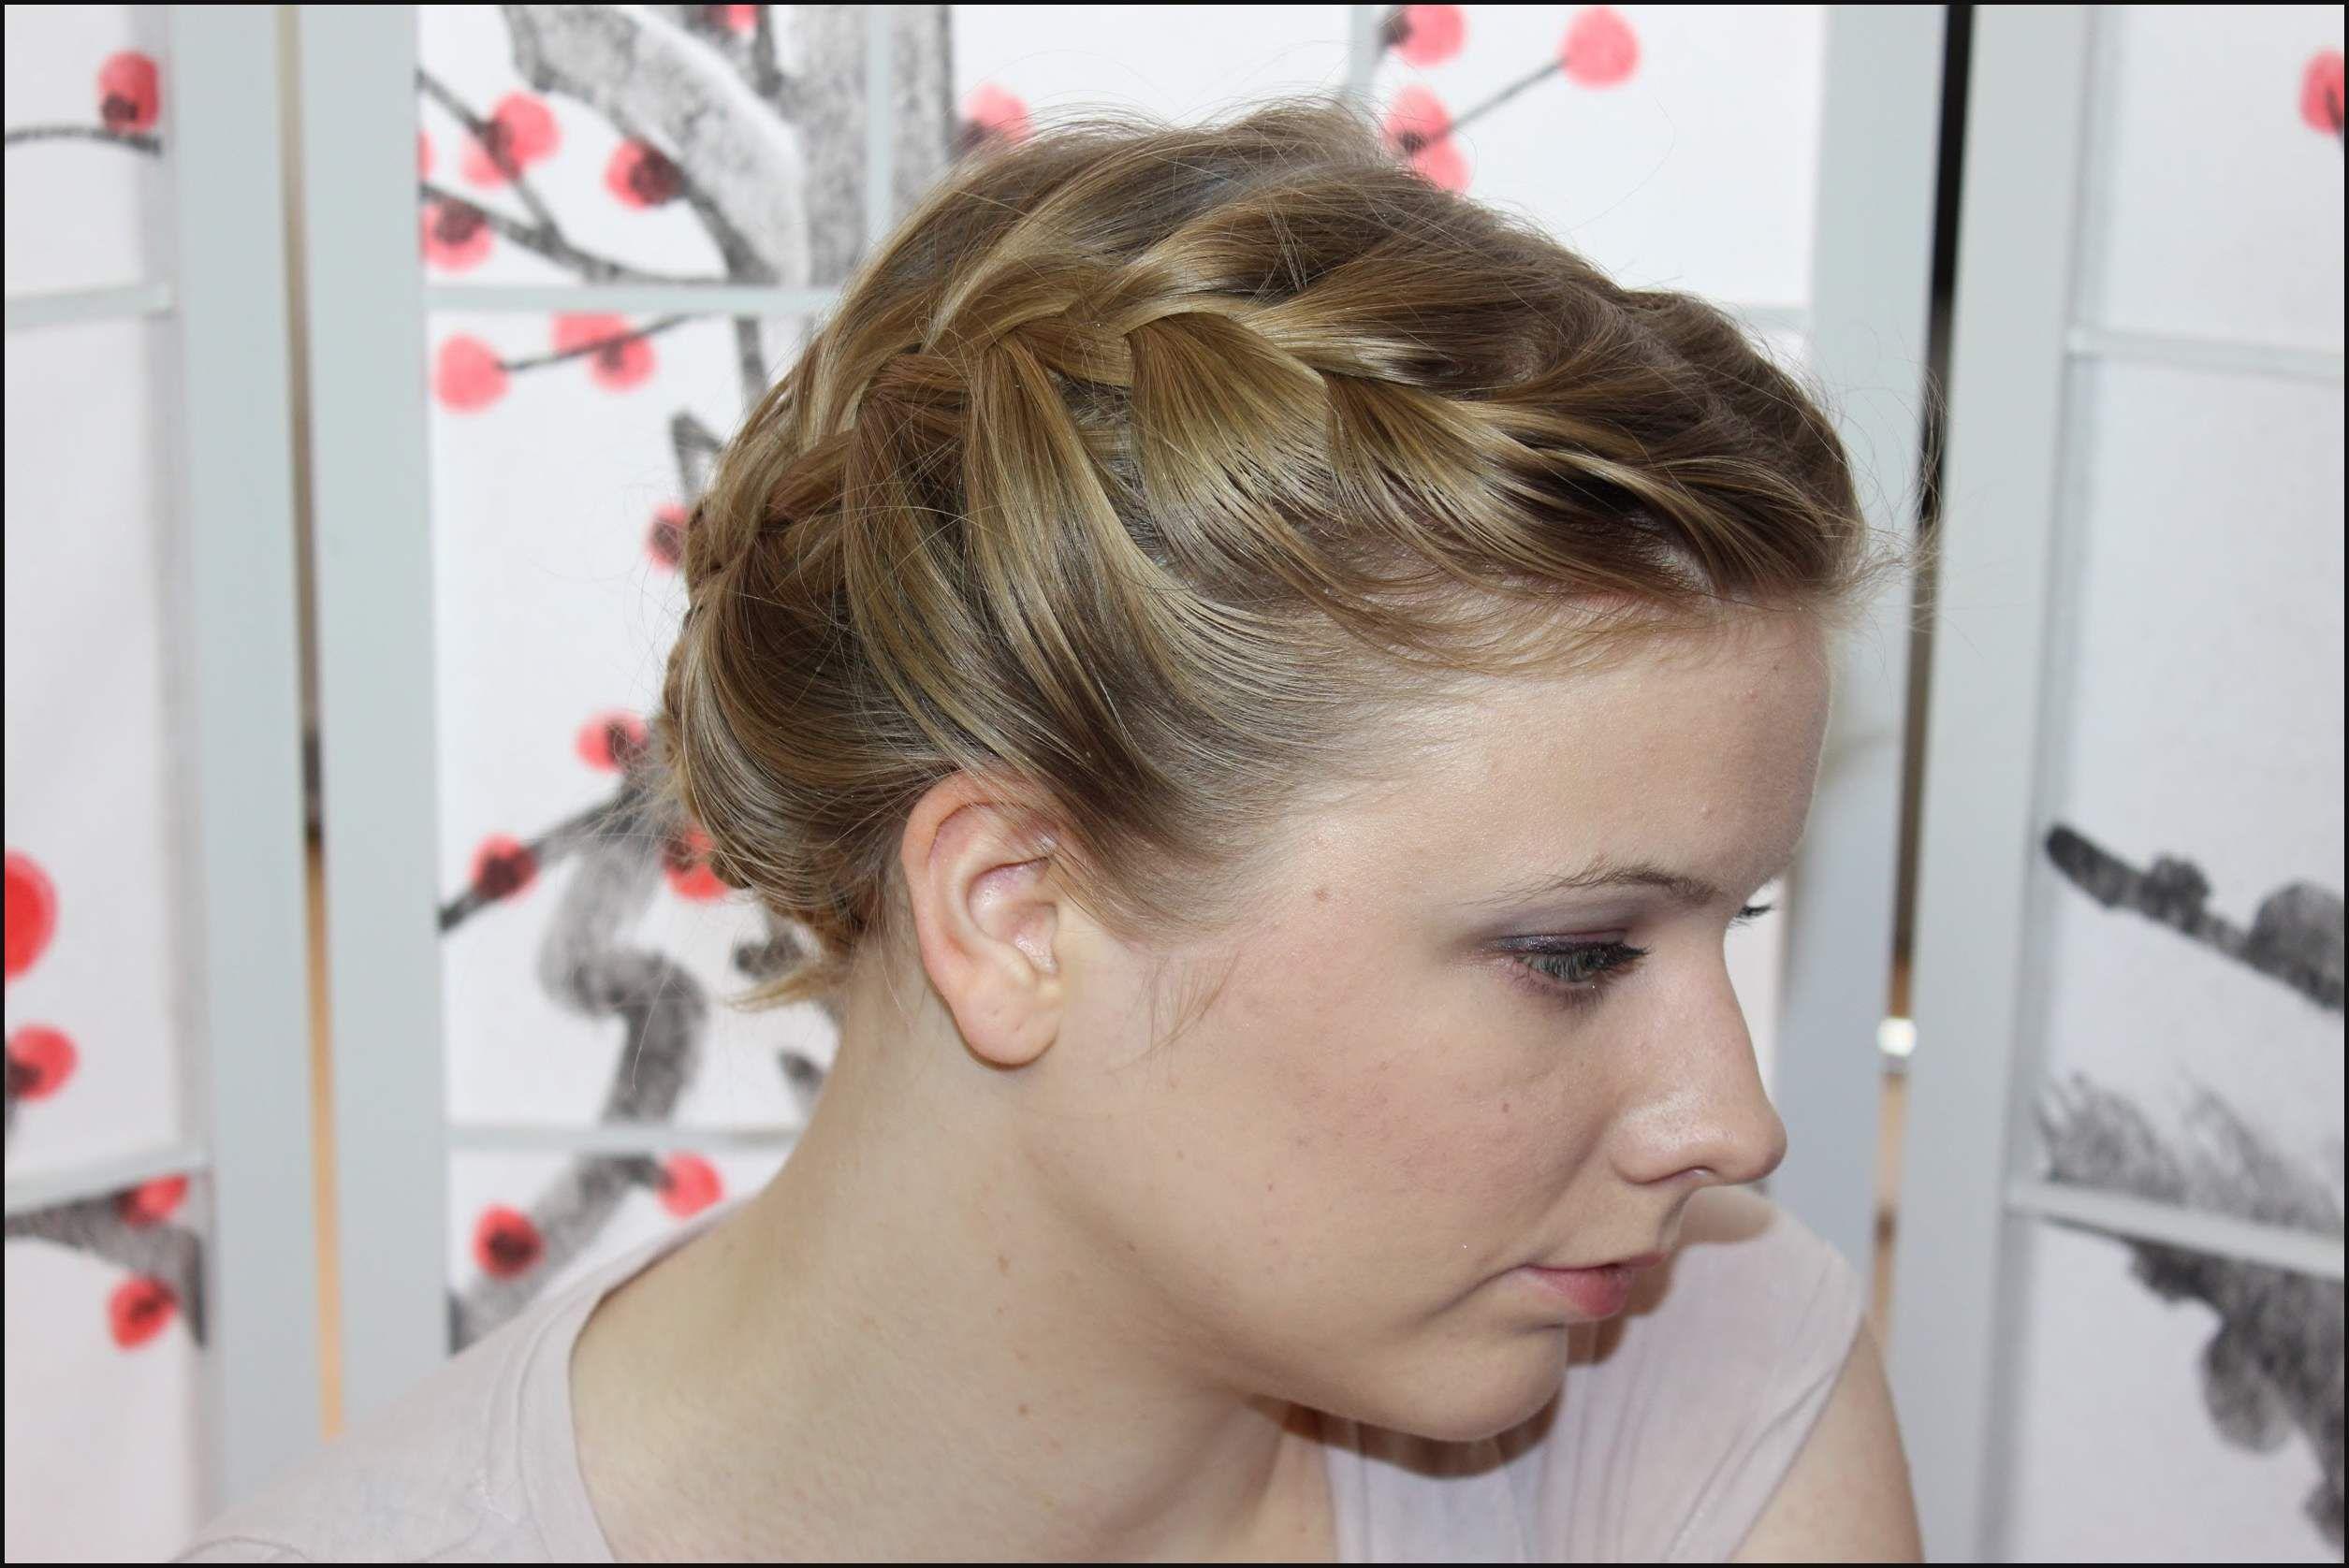 Inspirierende Schreckliche Frisuren Bilder Best Haare Frisuren